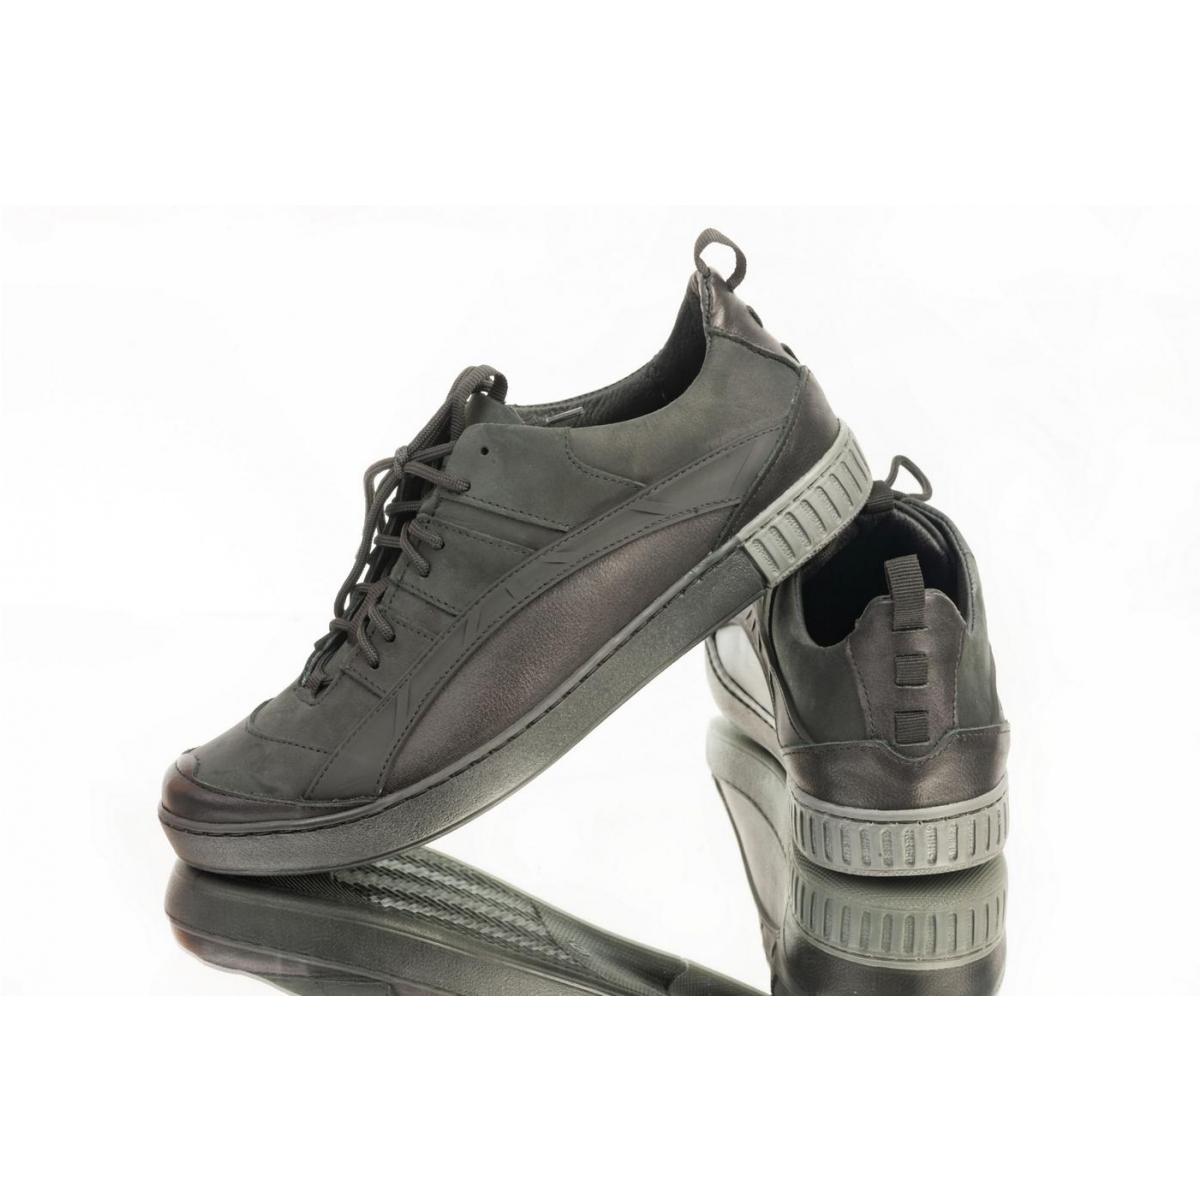 4720b4c4e8e8 Pánske čierne topánky ELIAS - 3